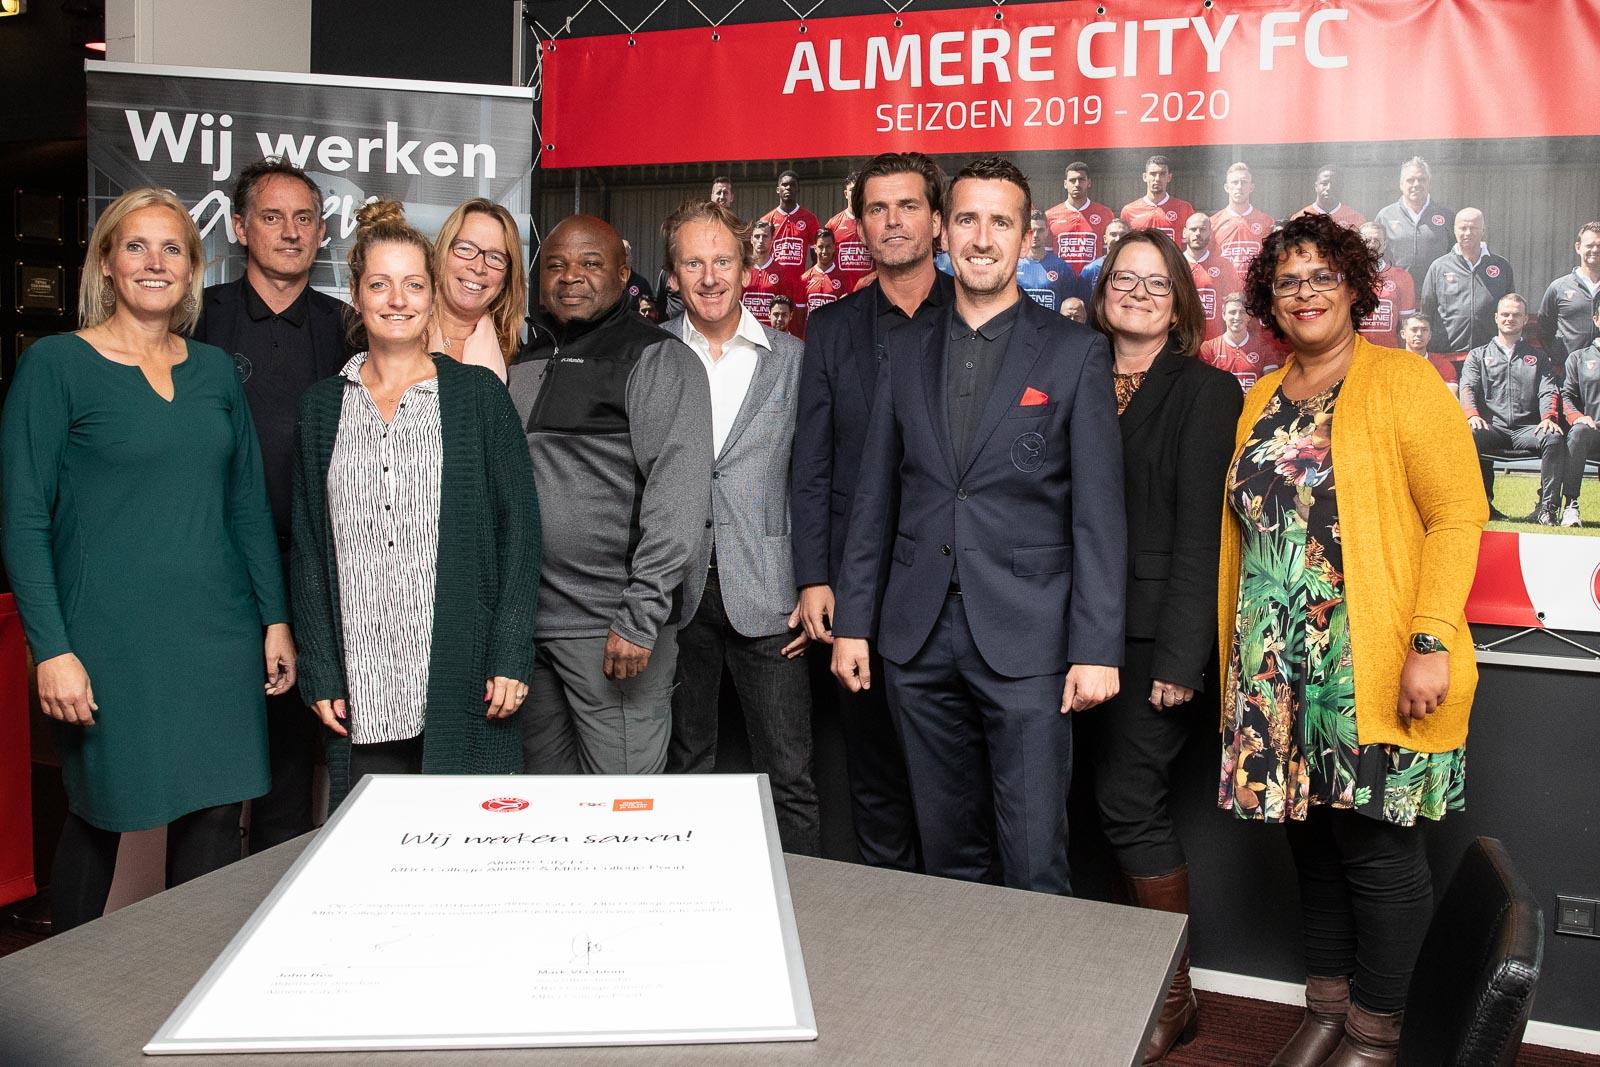 Almere City FC vormt hybride leeromgeving voor mbo-studenten